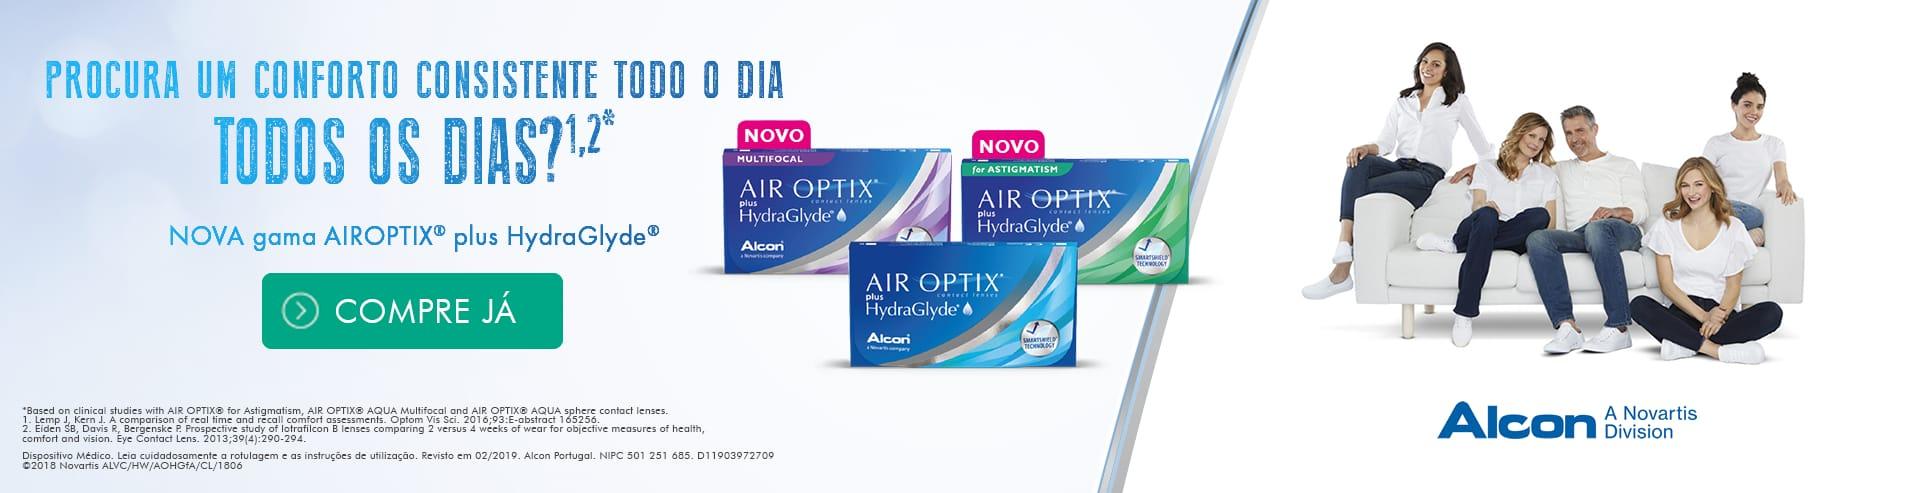 dbbb6edd49 Conforto consistente todo o dia com Lentes contacto Air Optix Hydraglyde